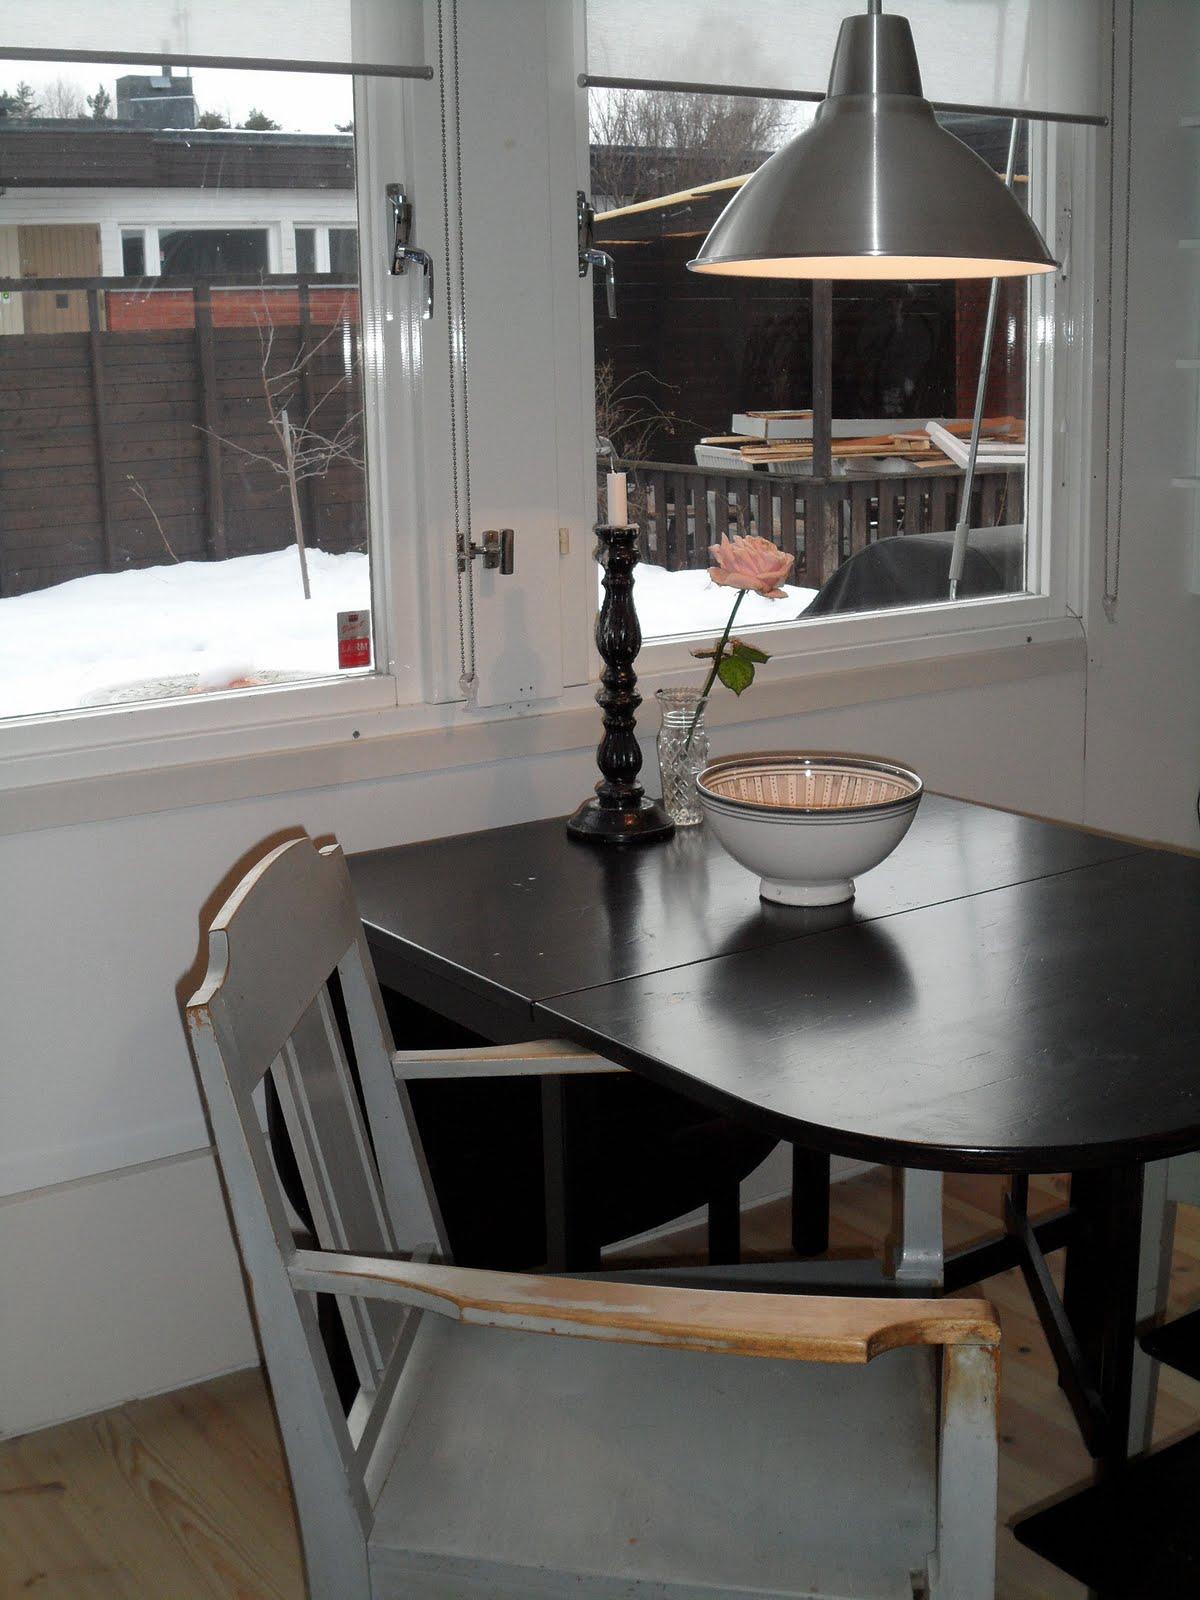 Inredning och inspiration: Köksbord